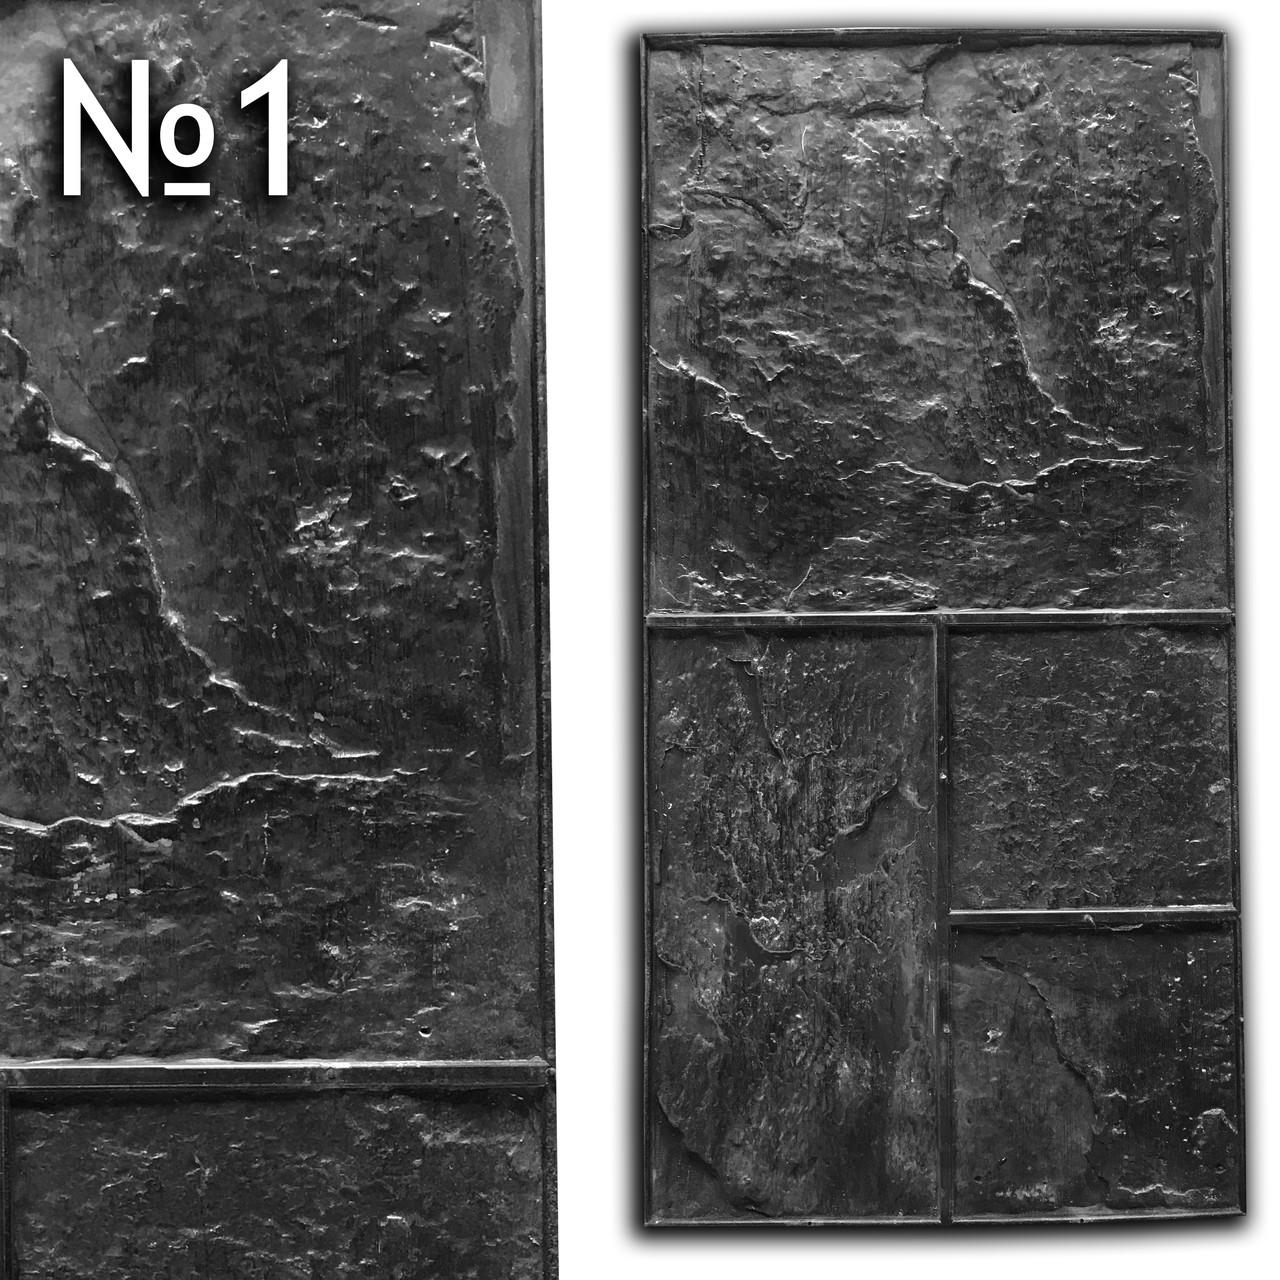 СЛАНЕЦ №1 - штамп 710х350 мм; резиновая форма для печати по бетону; текстура камня на бетоне